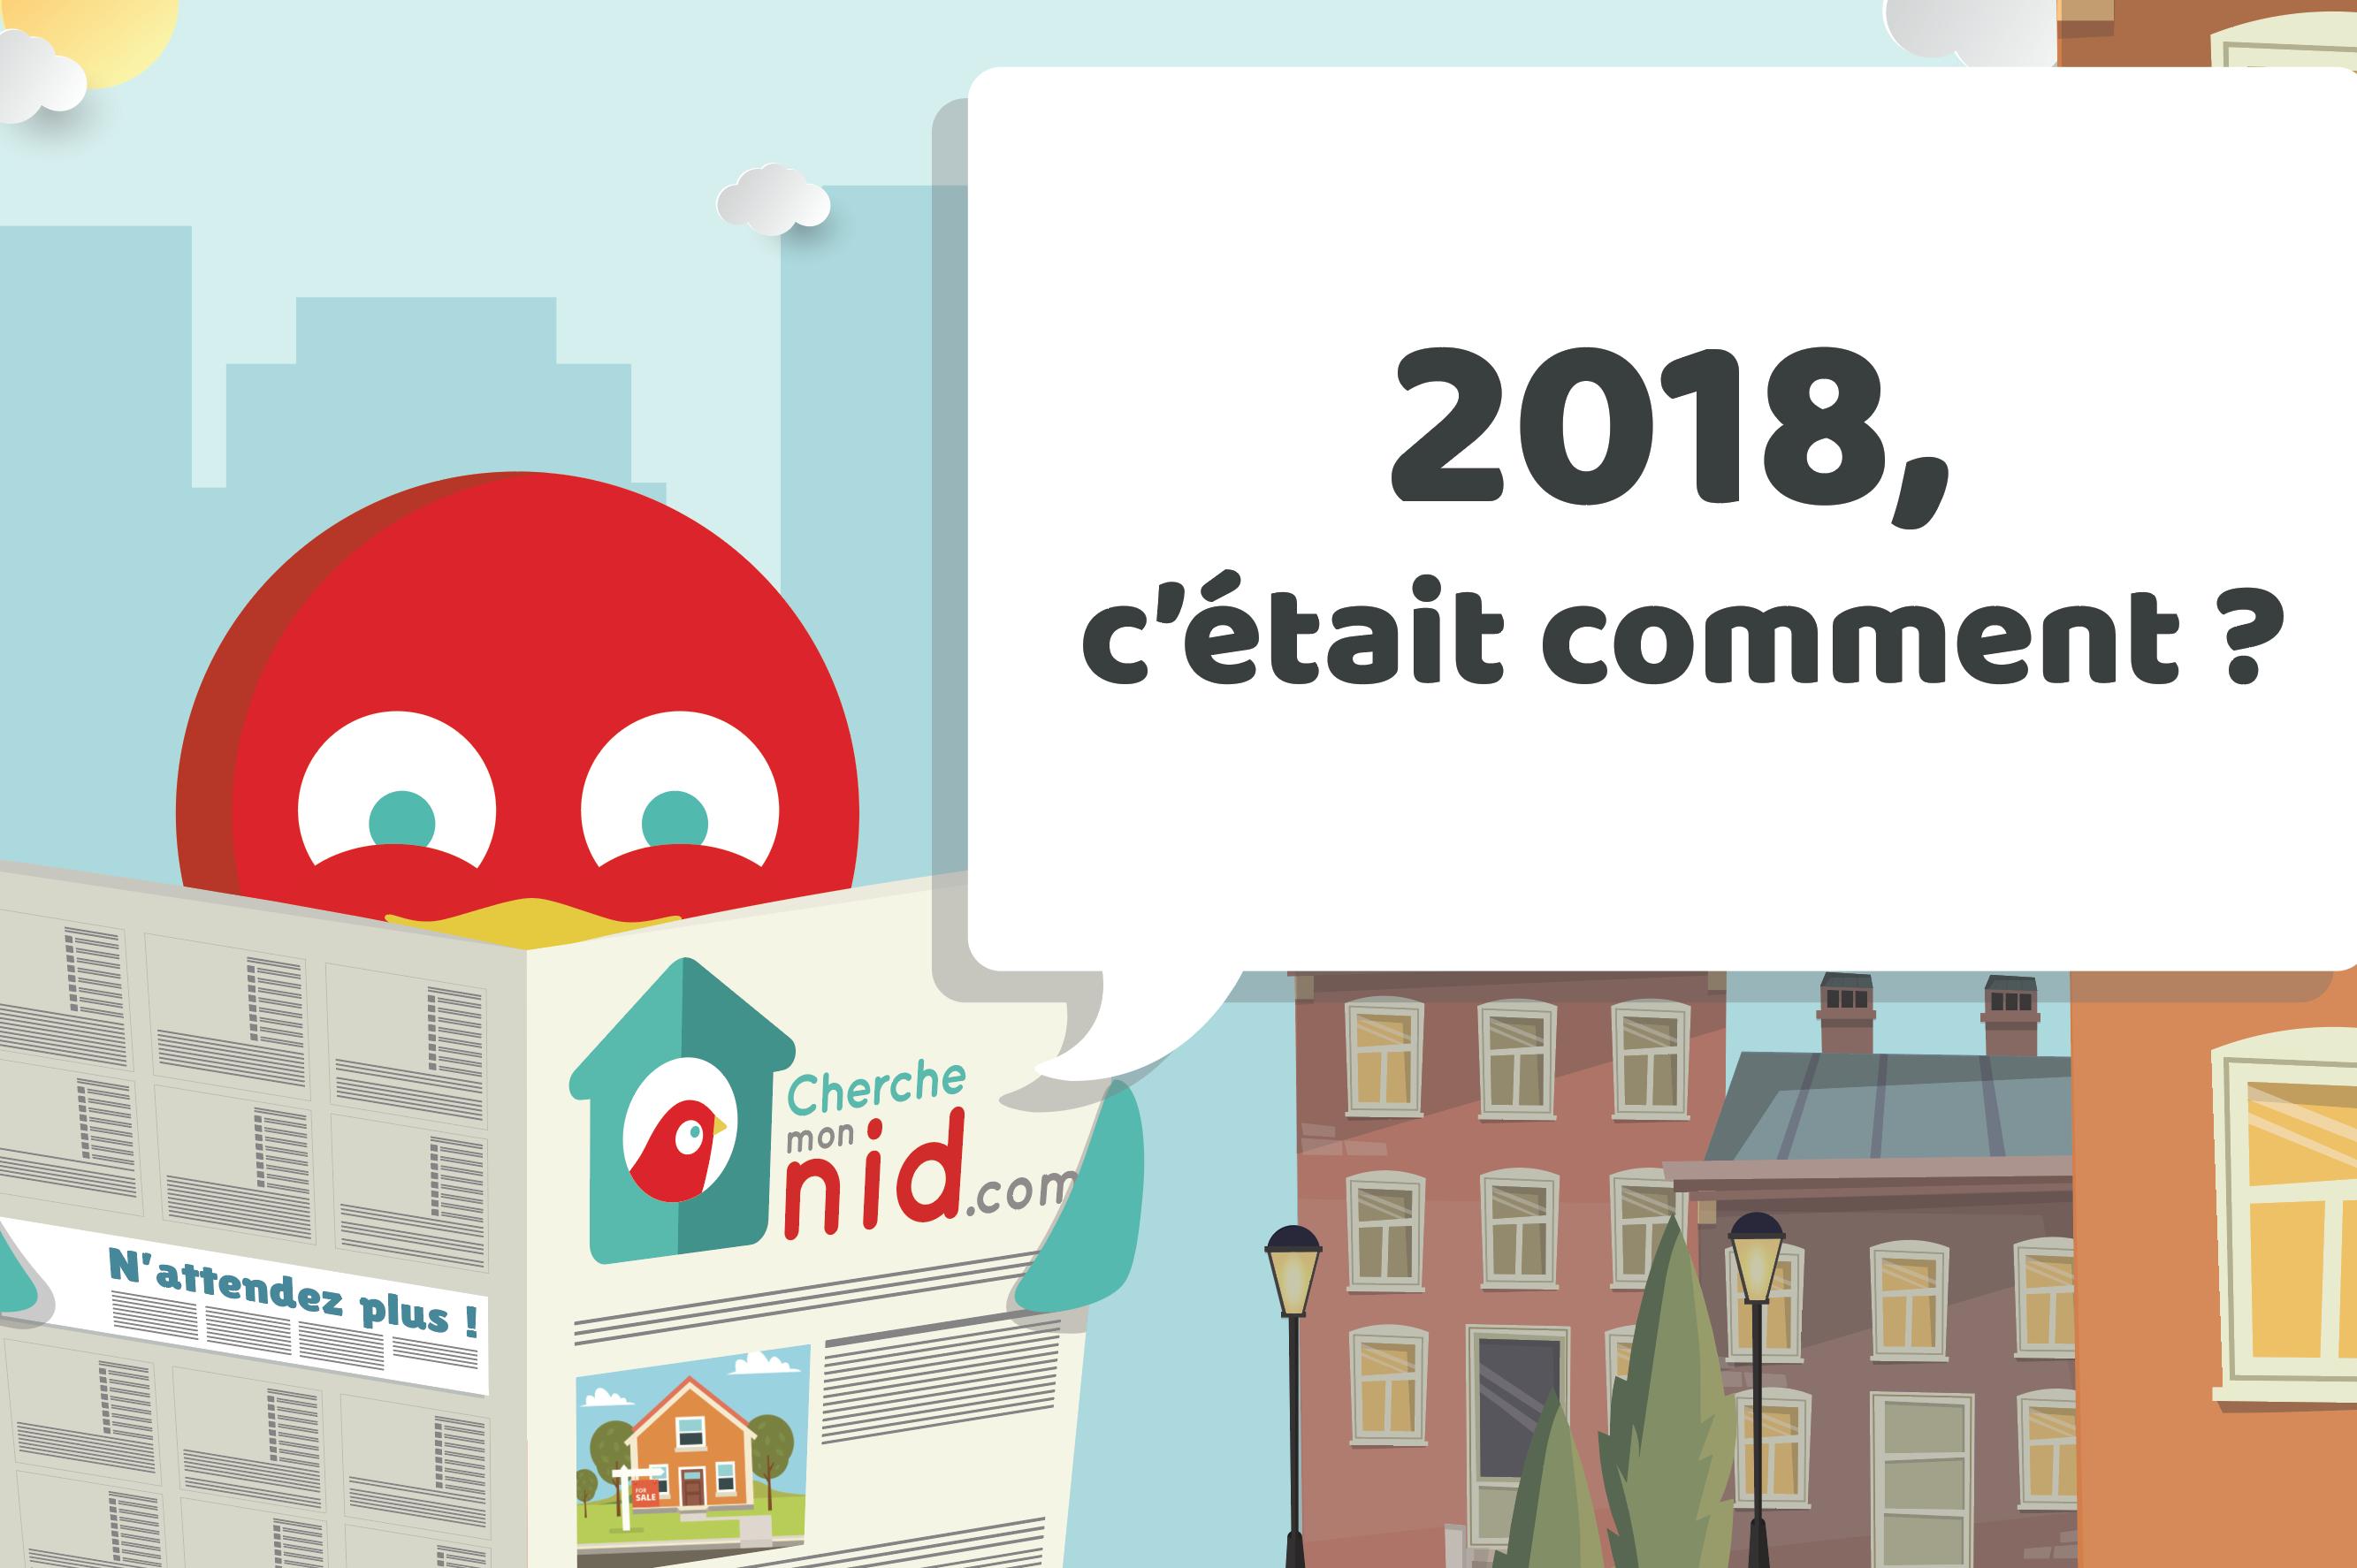 Les tendances immobilières en 2018